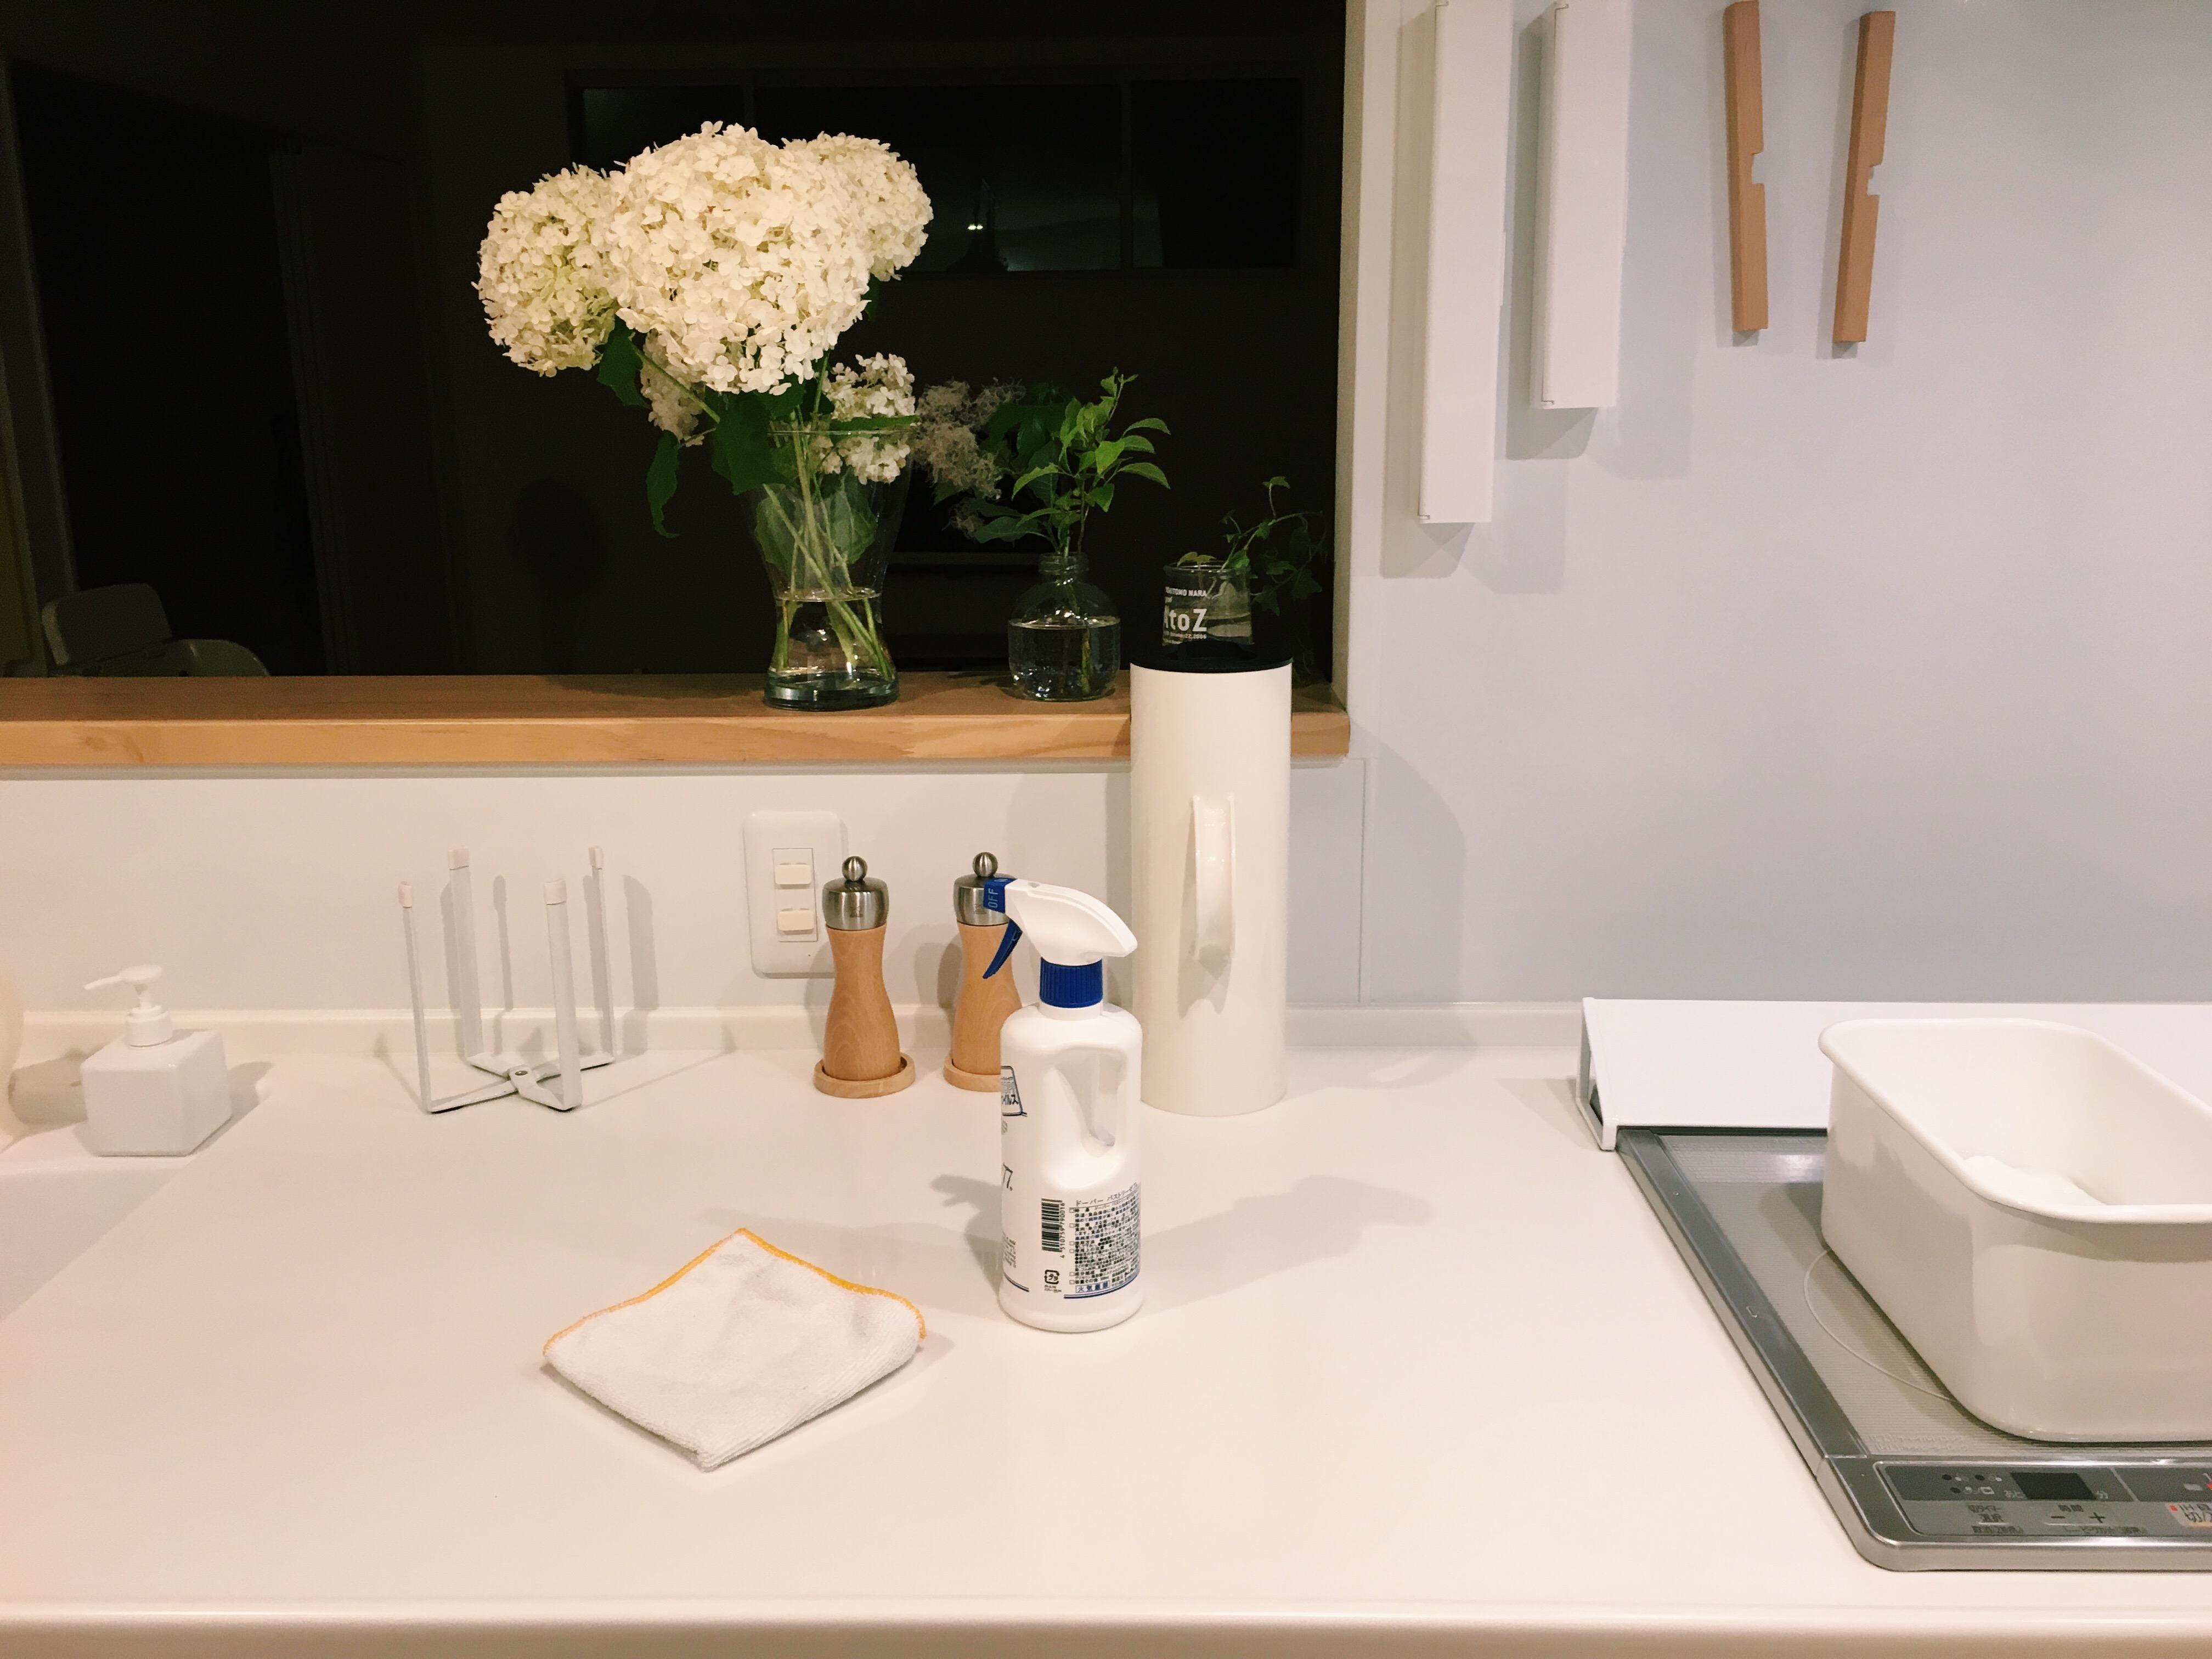 キッチンカウンターに、パストリーゼとマイクロファイバークロスが置かれています。